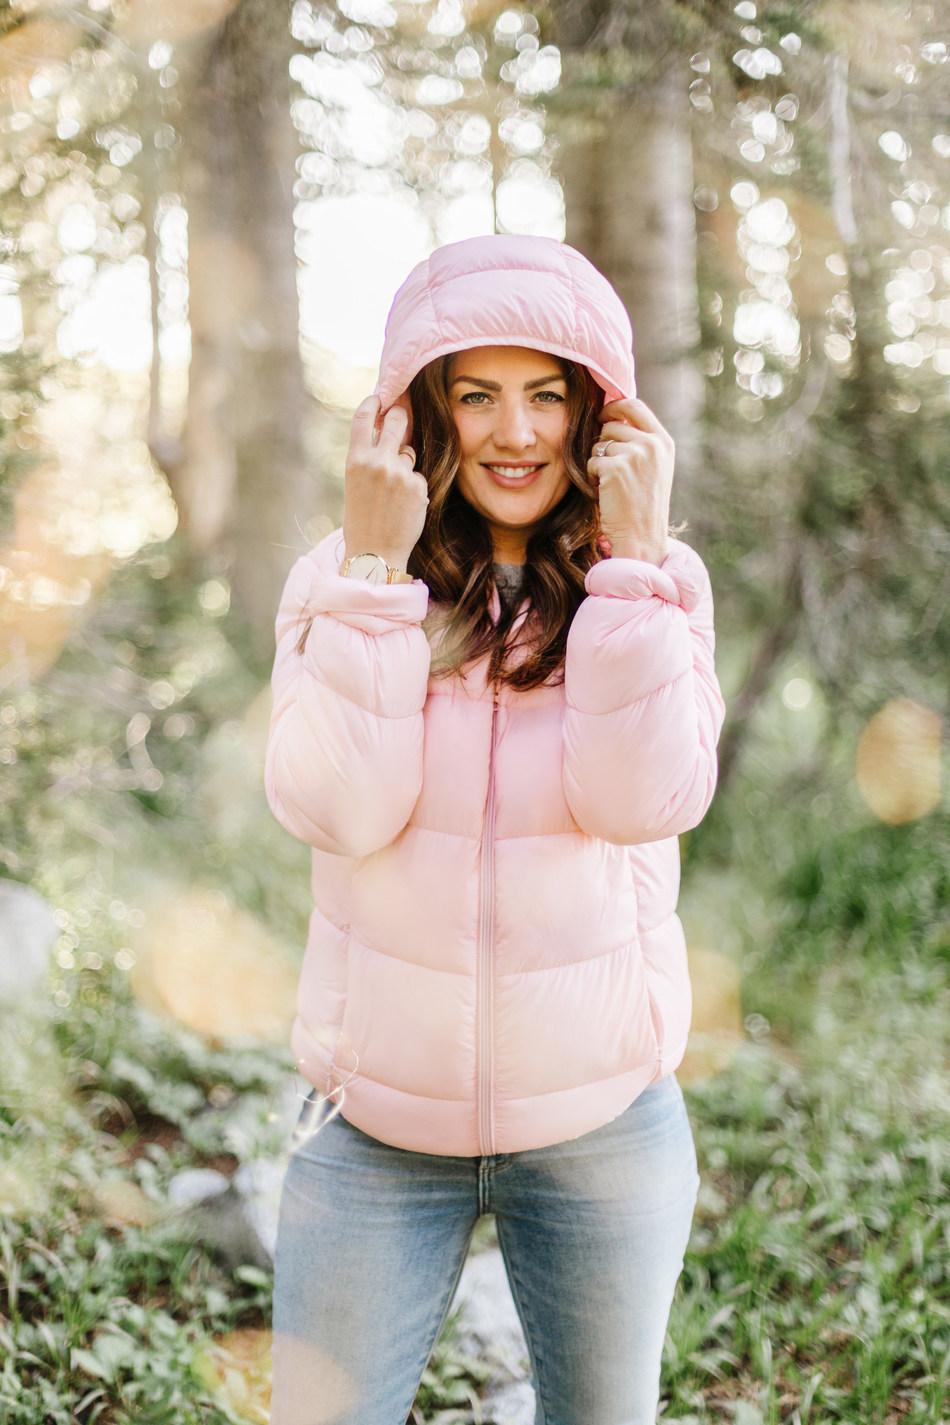 Jillian Harris wearing the Jilly Jacket (CNW Group/Loblaw Companies Limited - Joe Fresh)